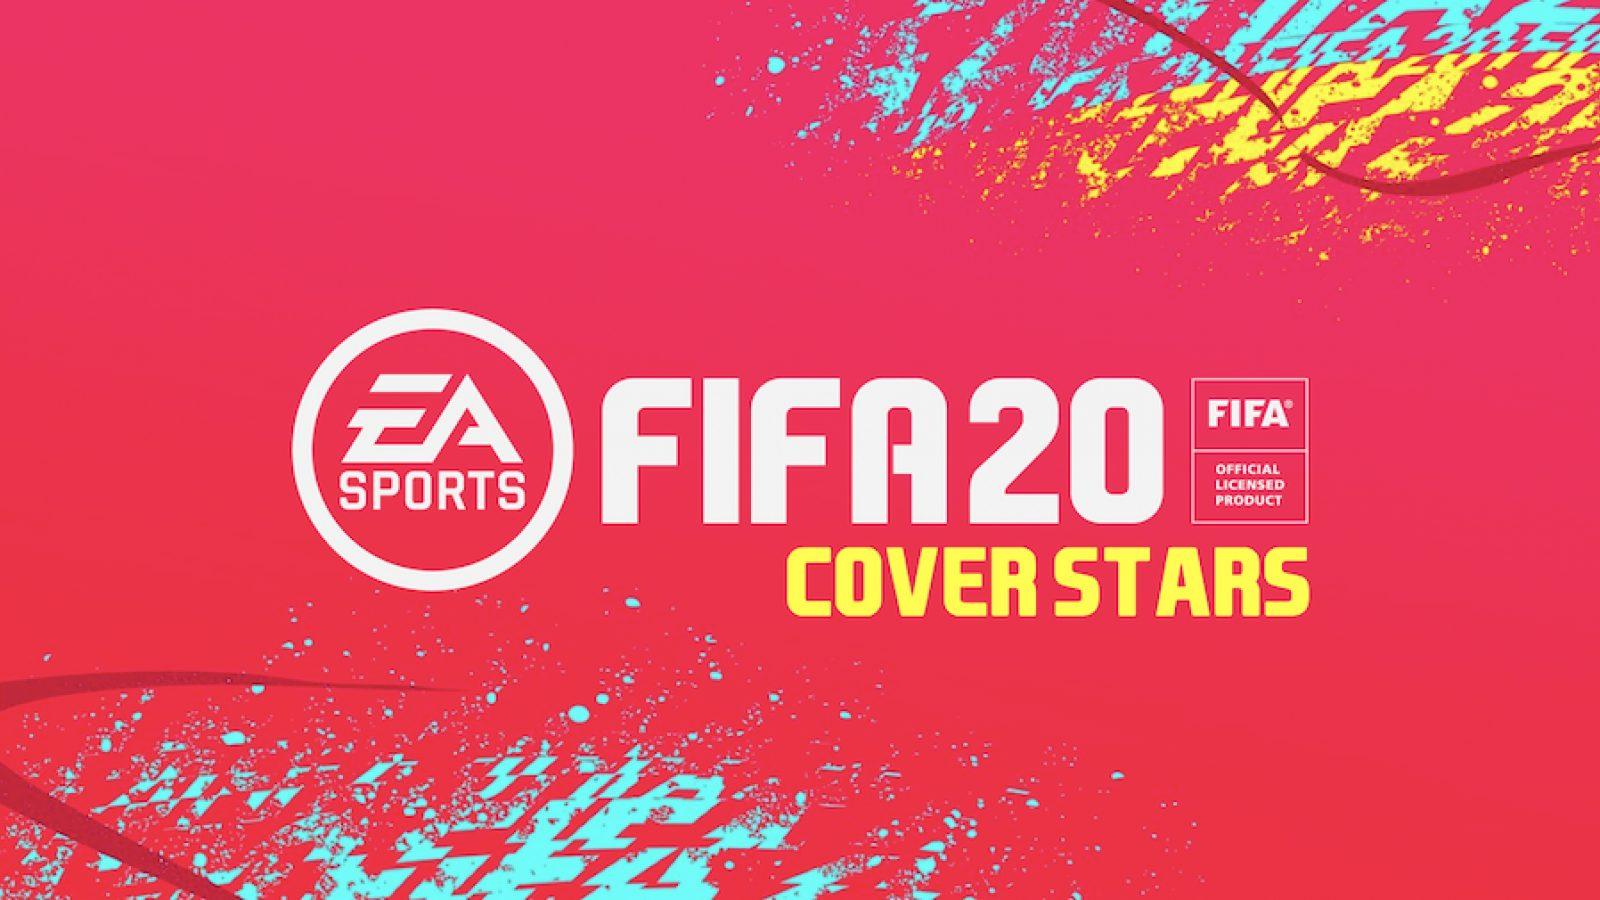 کاور بازی فیفا 20 - FIFA 20